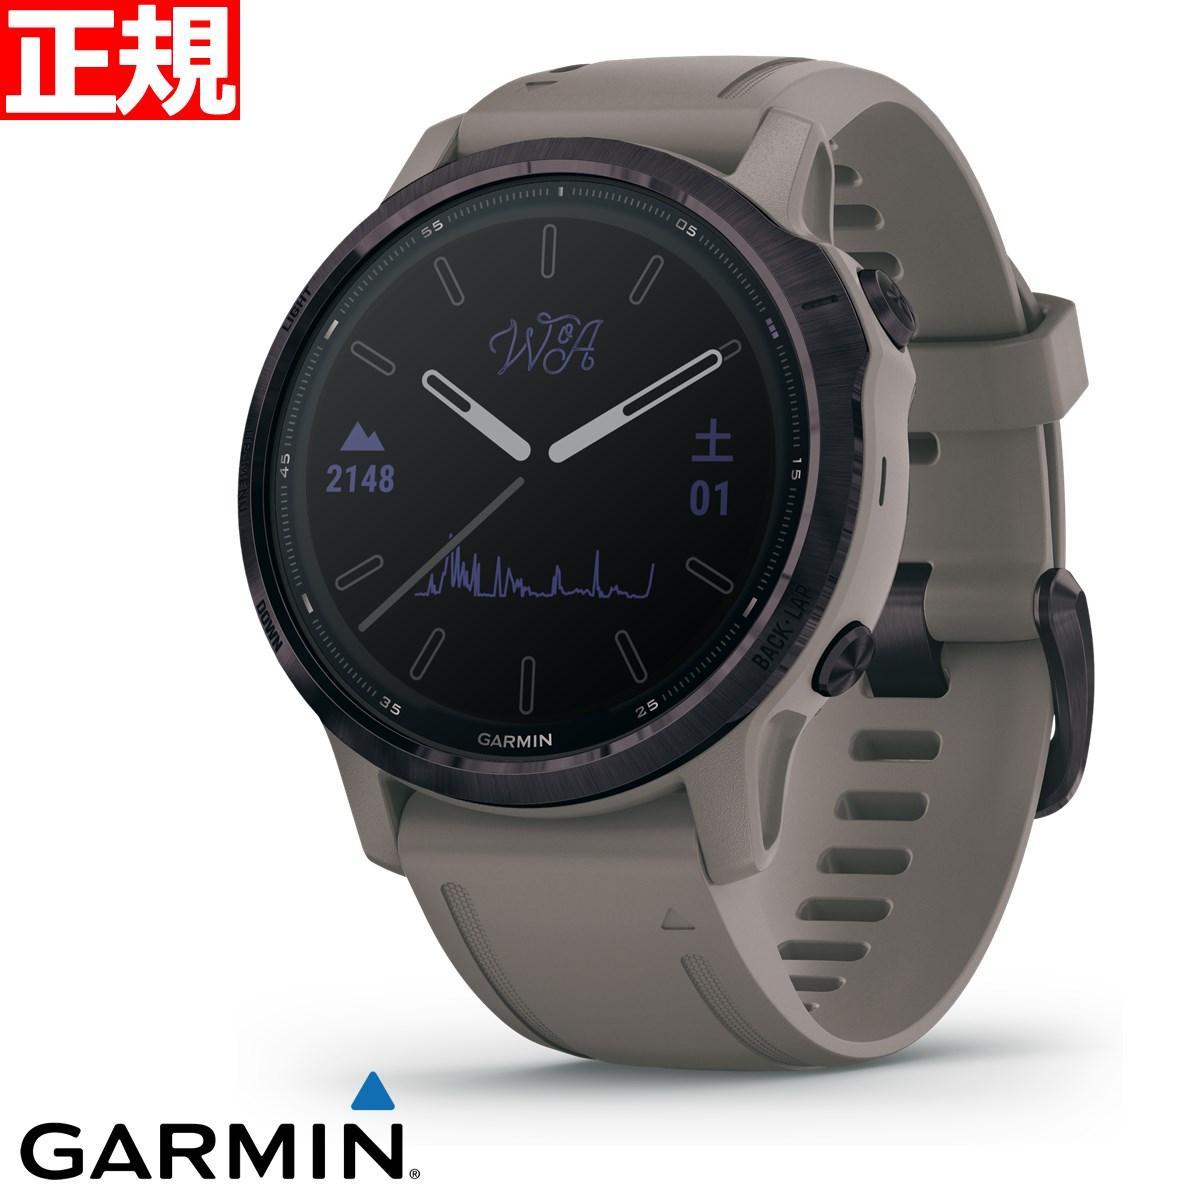 スマートフォン・タブレット, スマートウォッチ本体 22101OFF3526959 GARMIN fenix 6S Pro Dual Power WOA Amethyst Shale 6S GPS 010-02409-222020